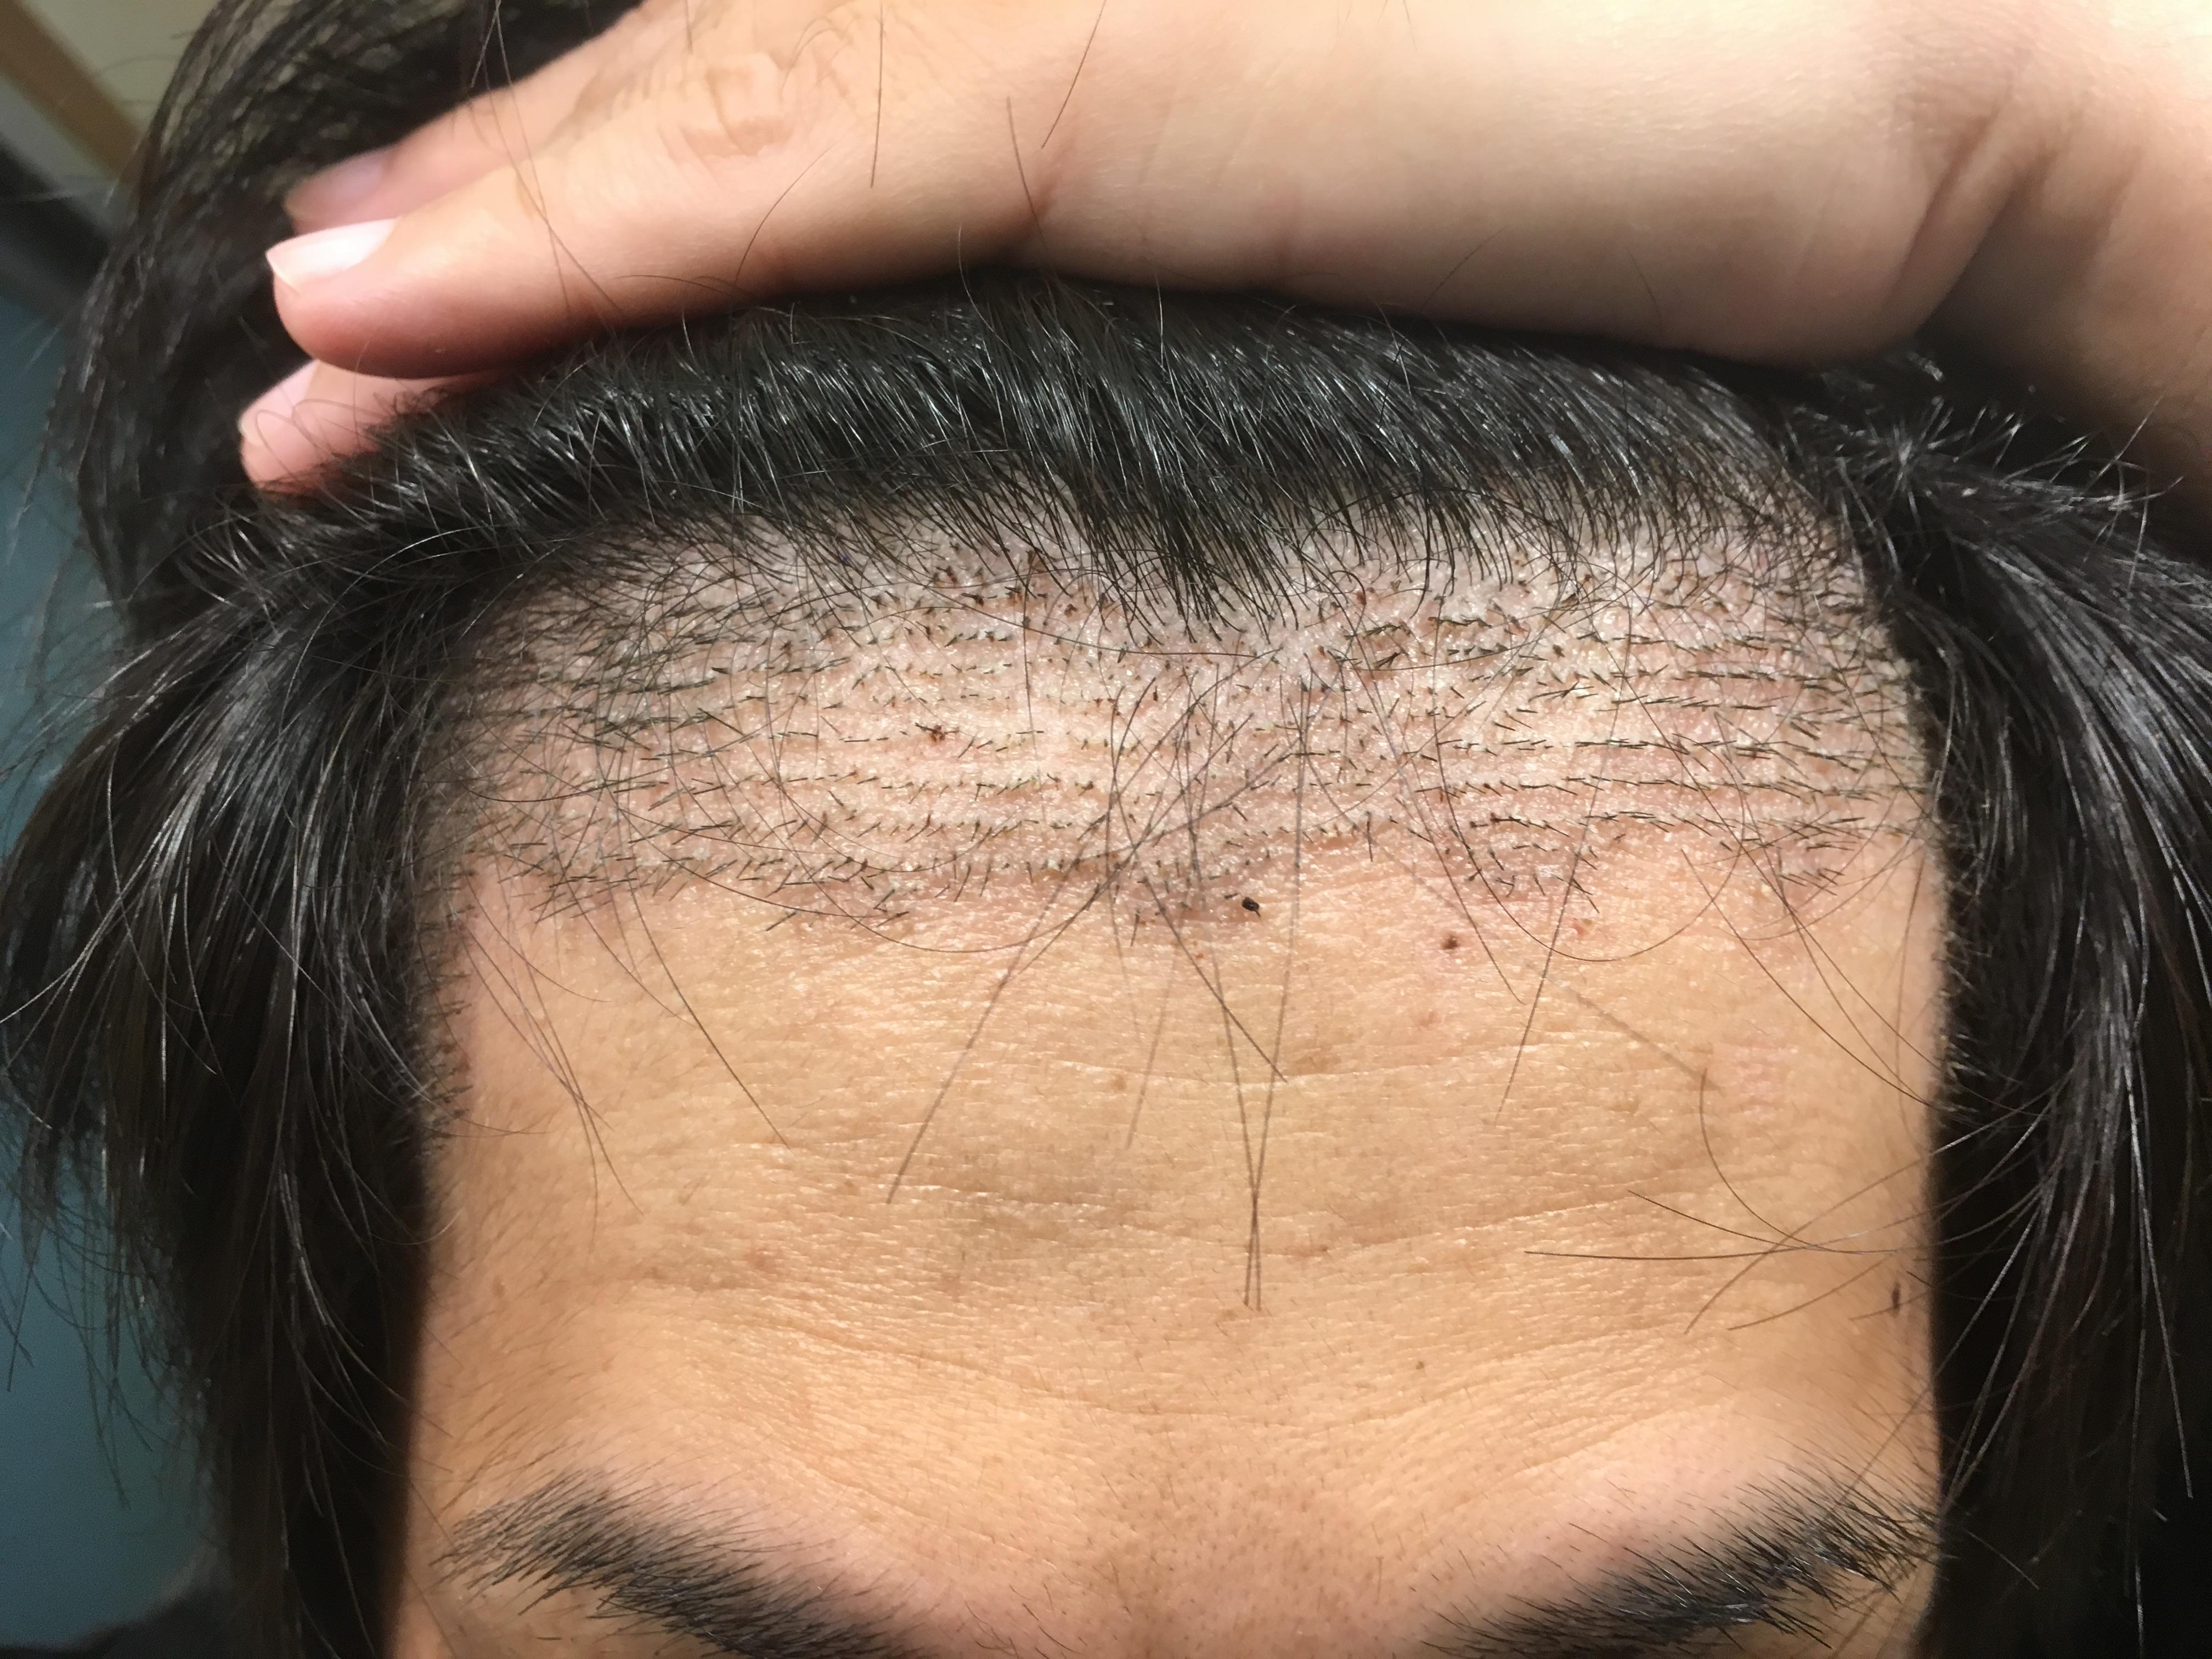 ルーチェクリニック植毛後10日目の前頭部(生え際)